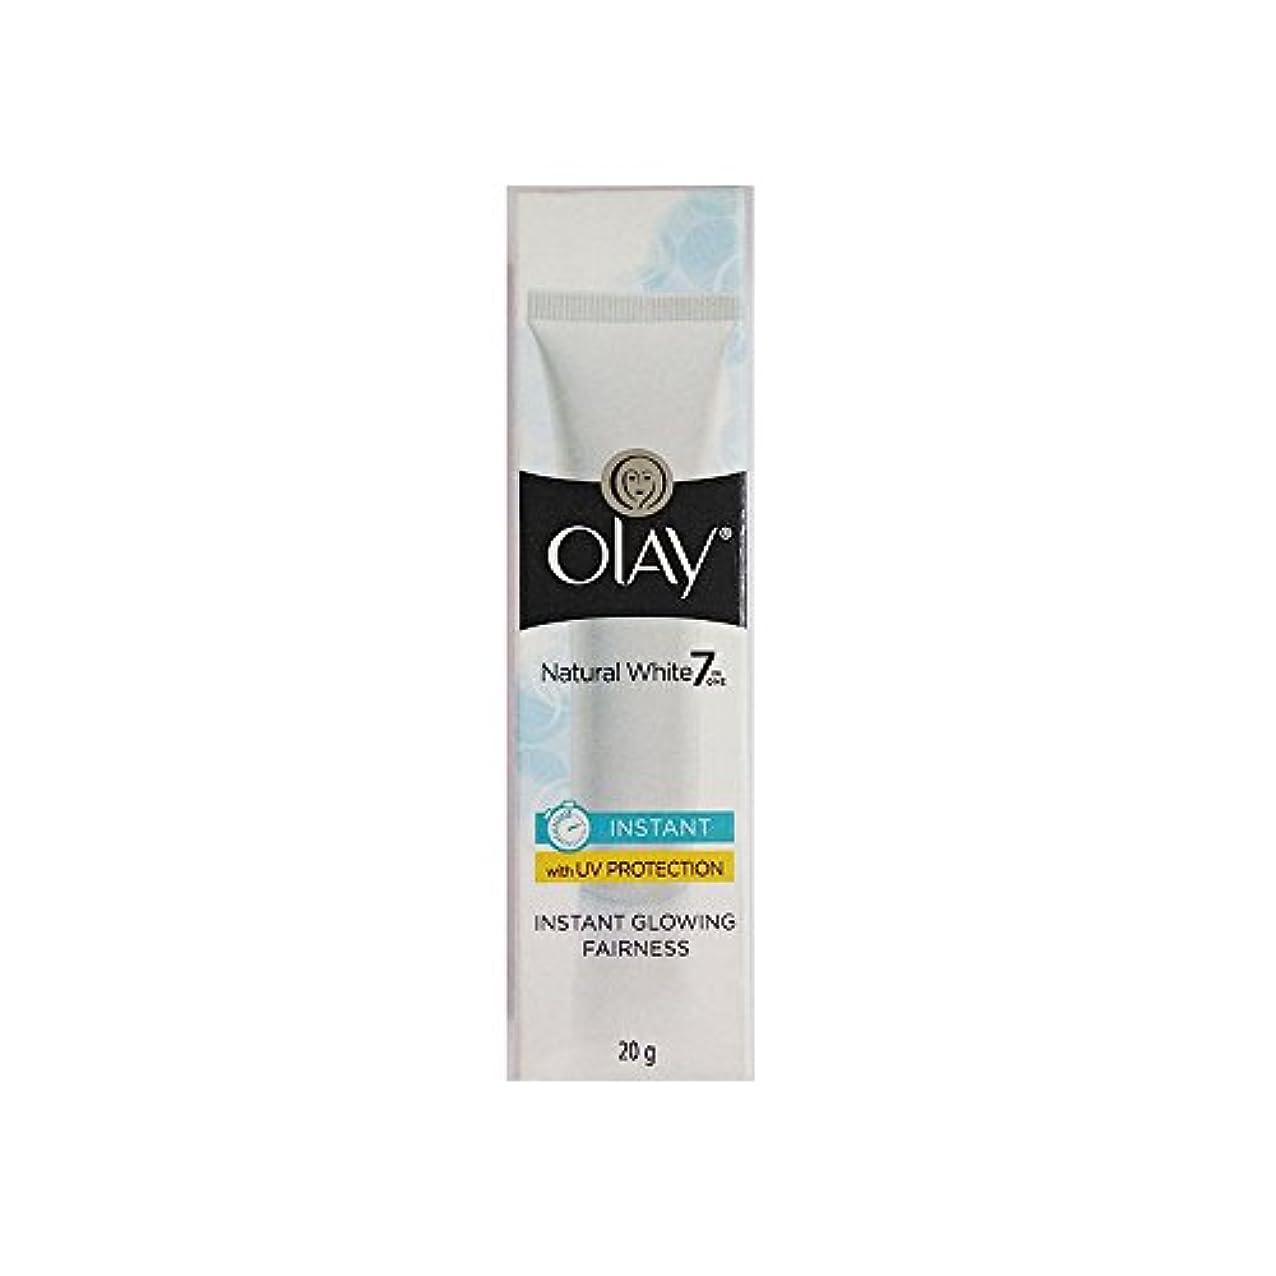 る歯痛燃やすOlay Natural White Light Instant Glowing Fairness Cream, 20g